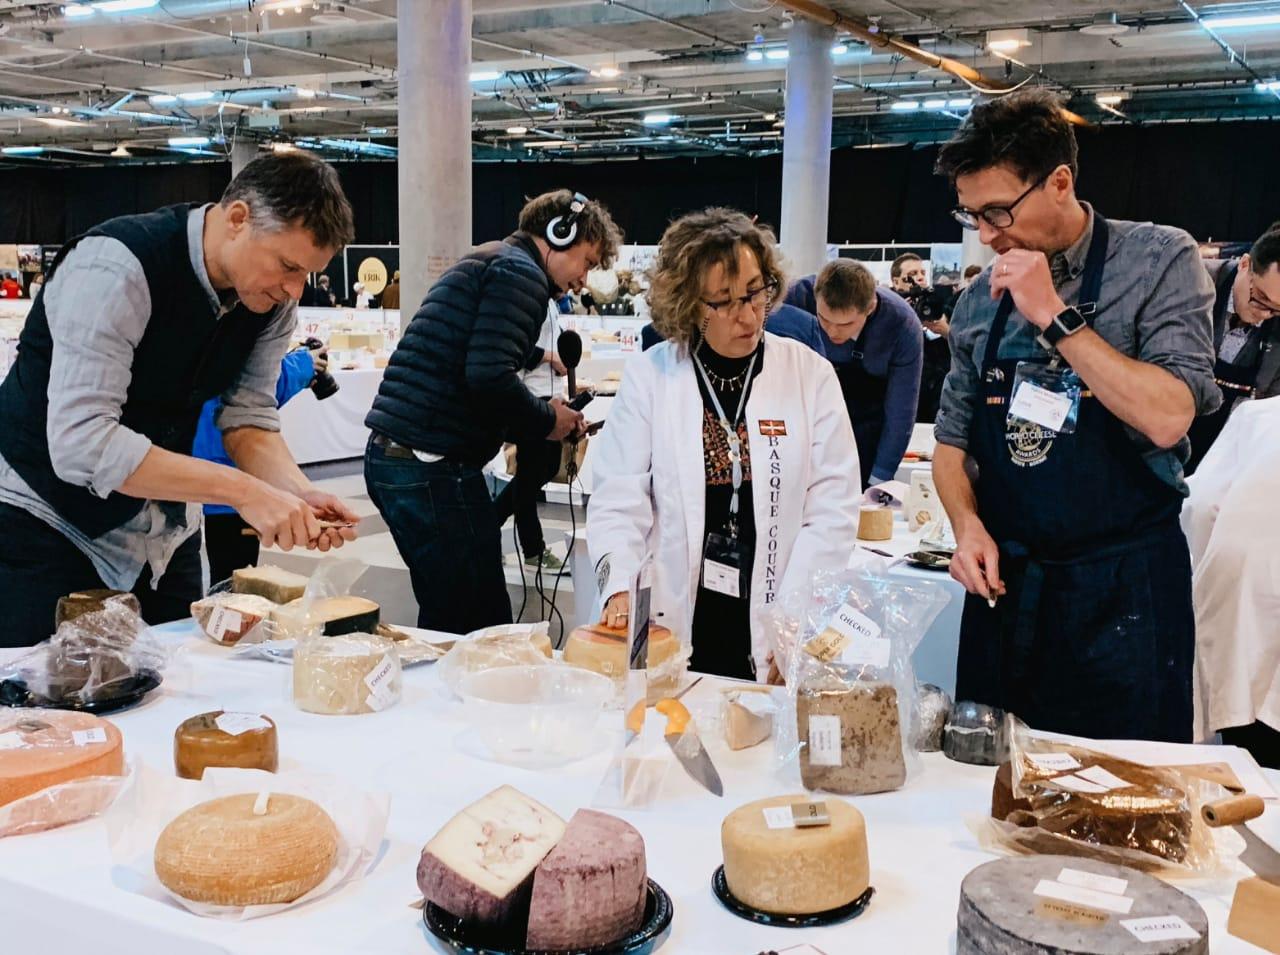 Испанцы делают лучшие в мире сыры - это подтвердило жюри конкурса World Cheese Awards 2018